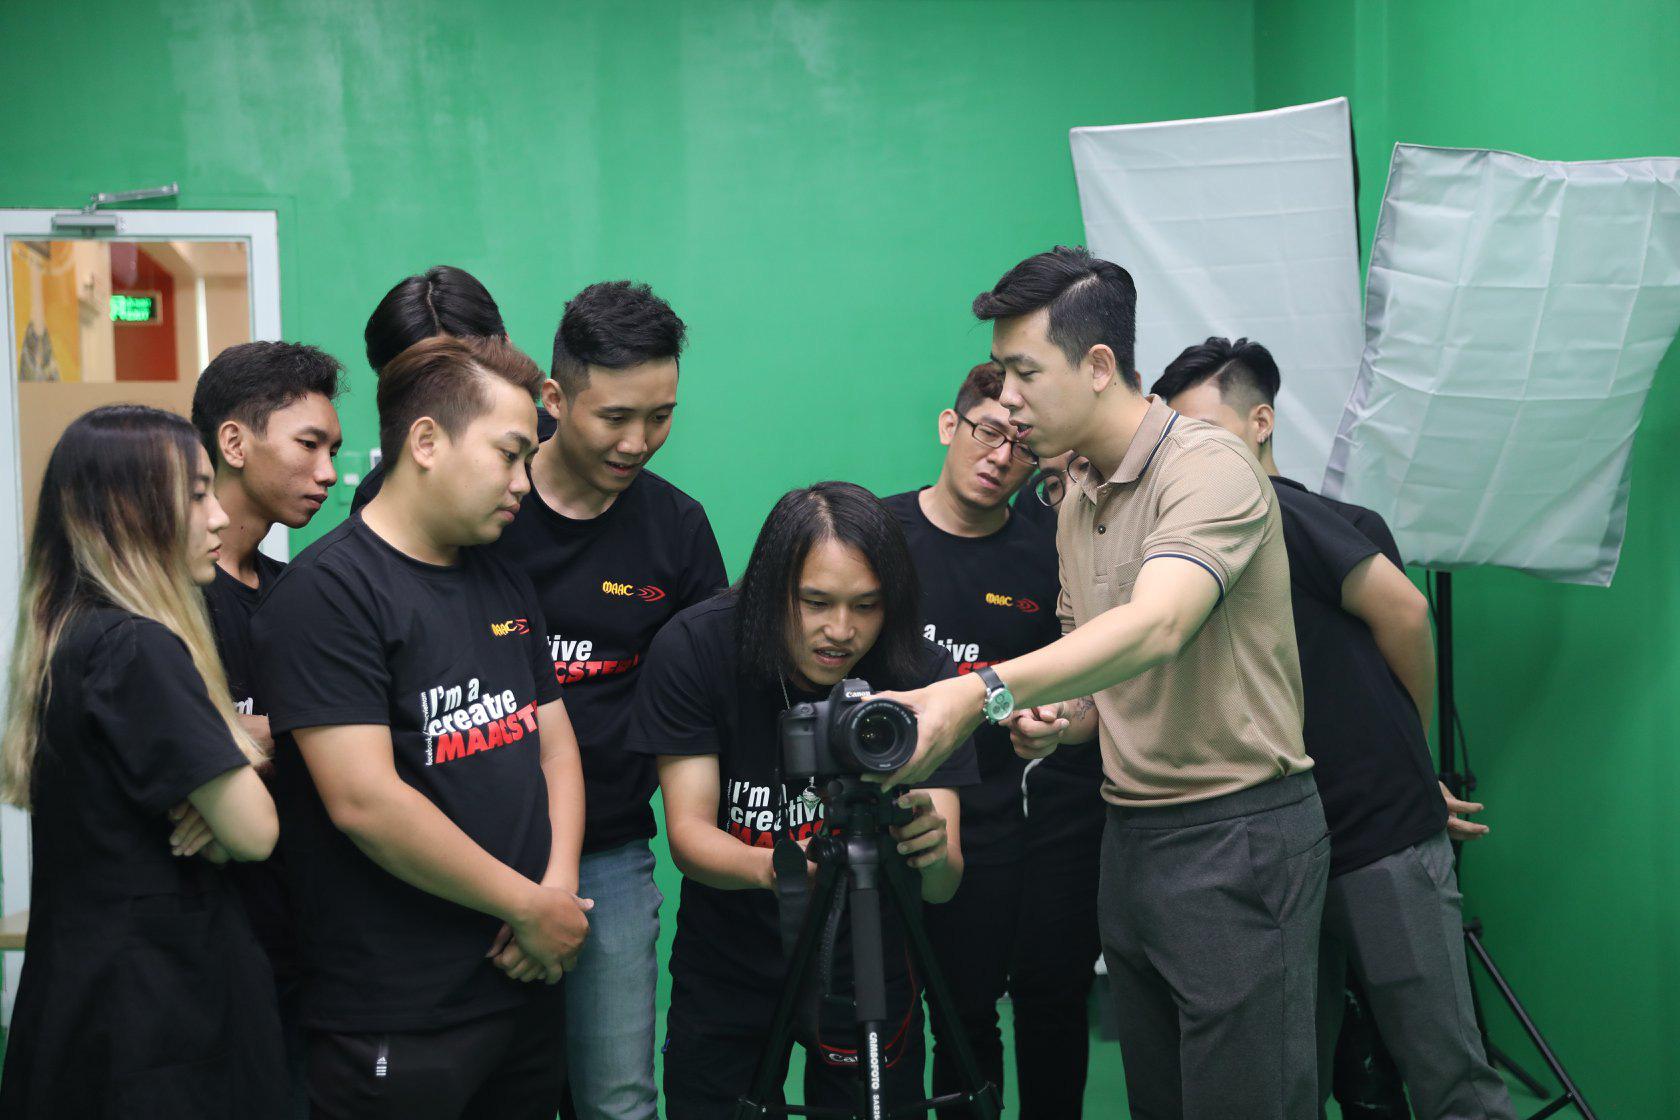 Bài thi Cinegraphy: Gia nhập thế giới điện ảnh cùng MAAC - Ảnh 2.